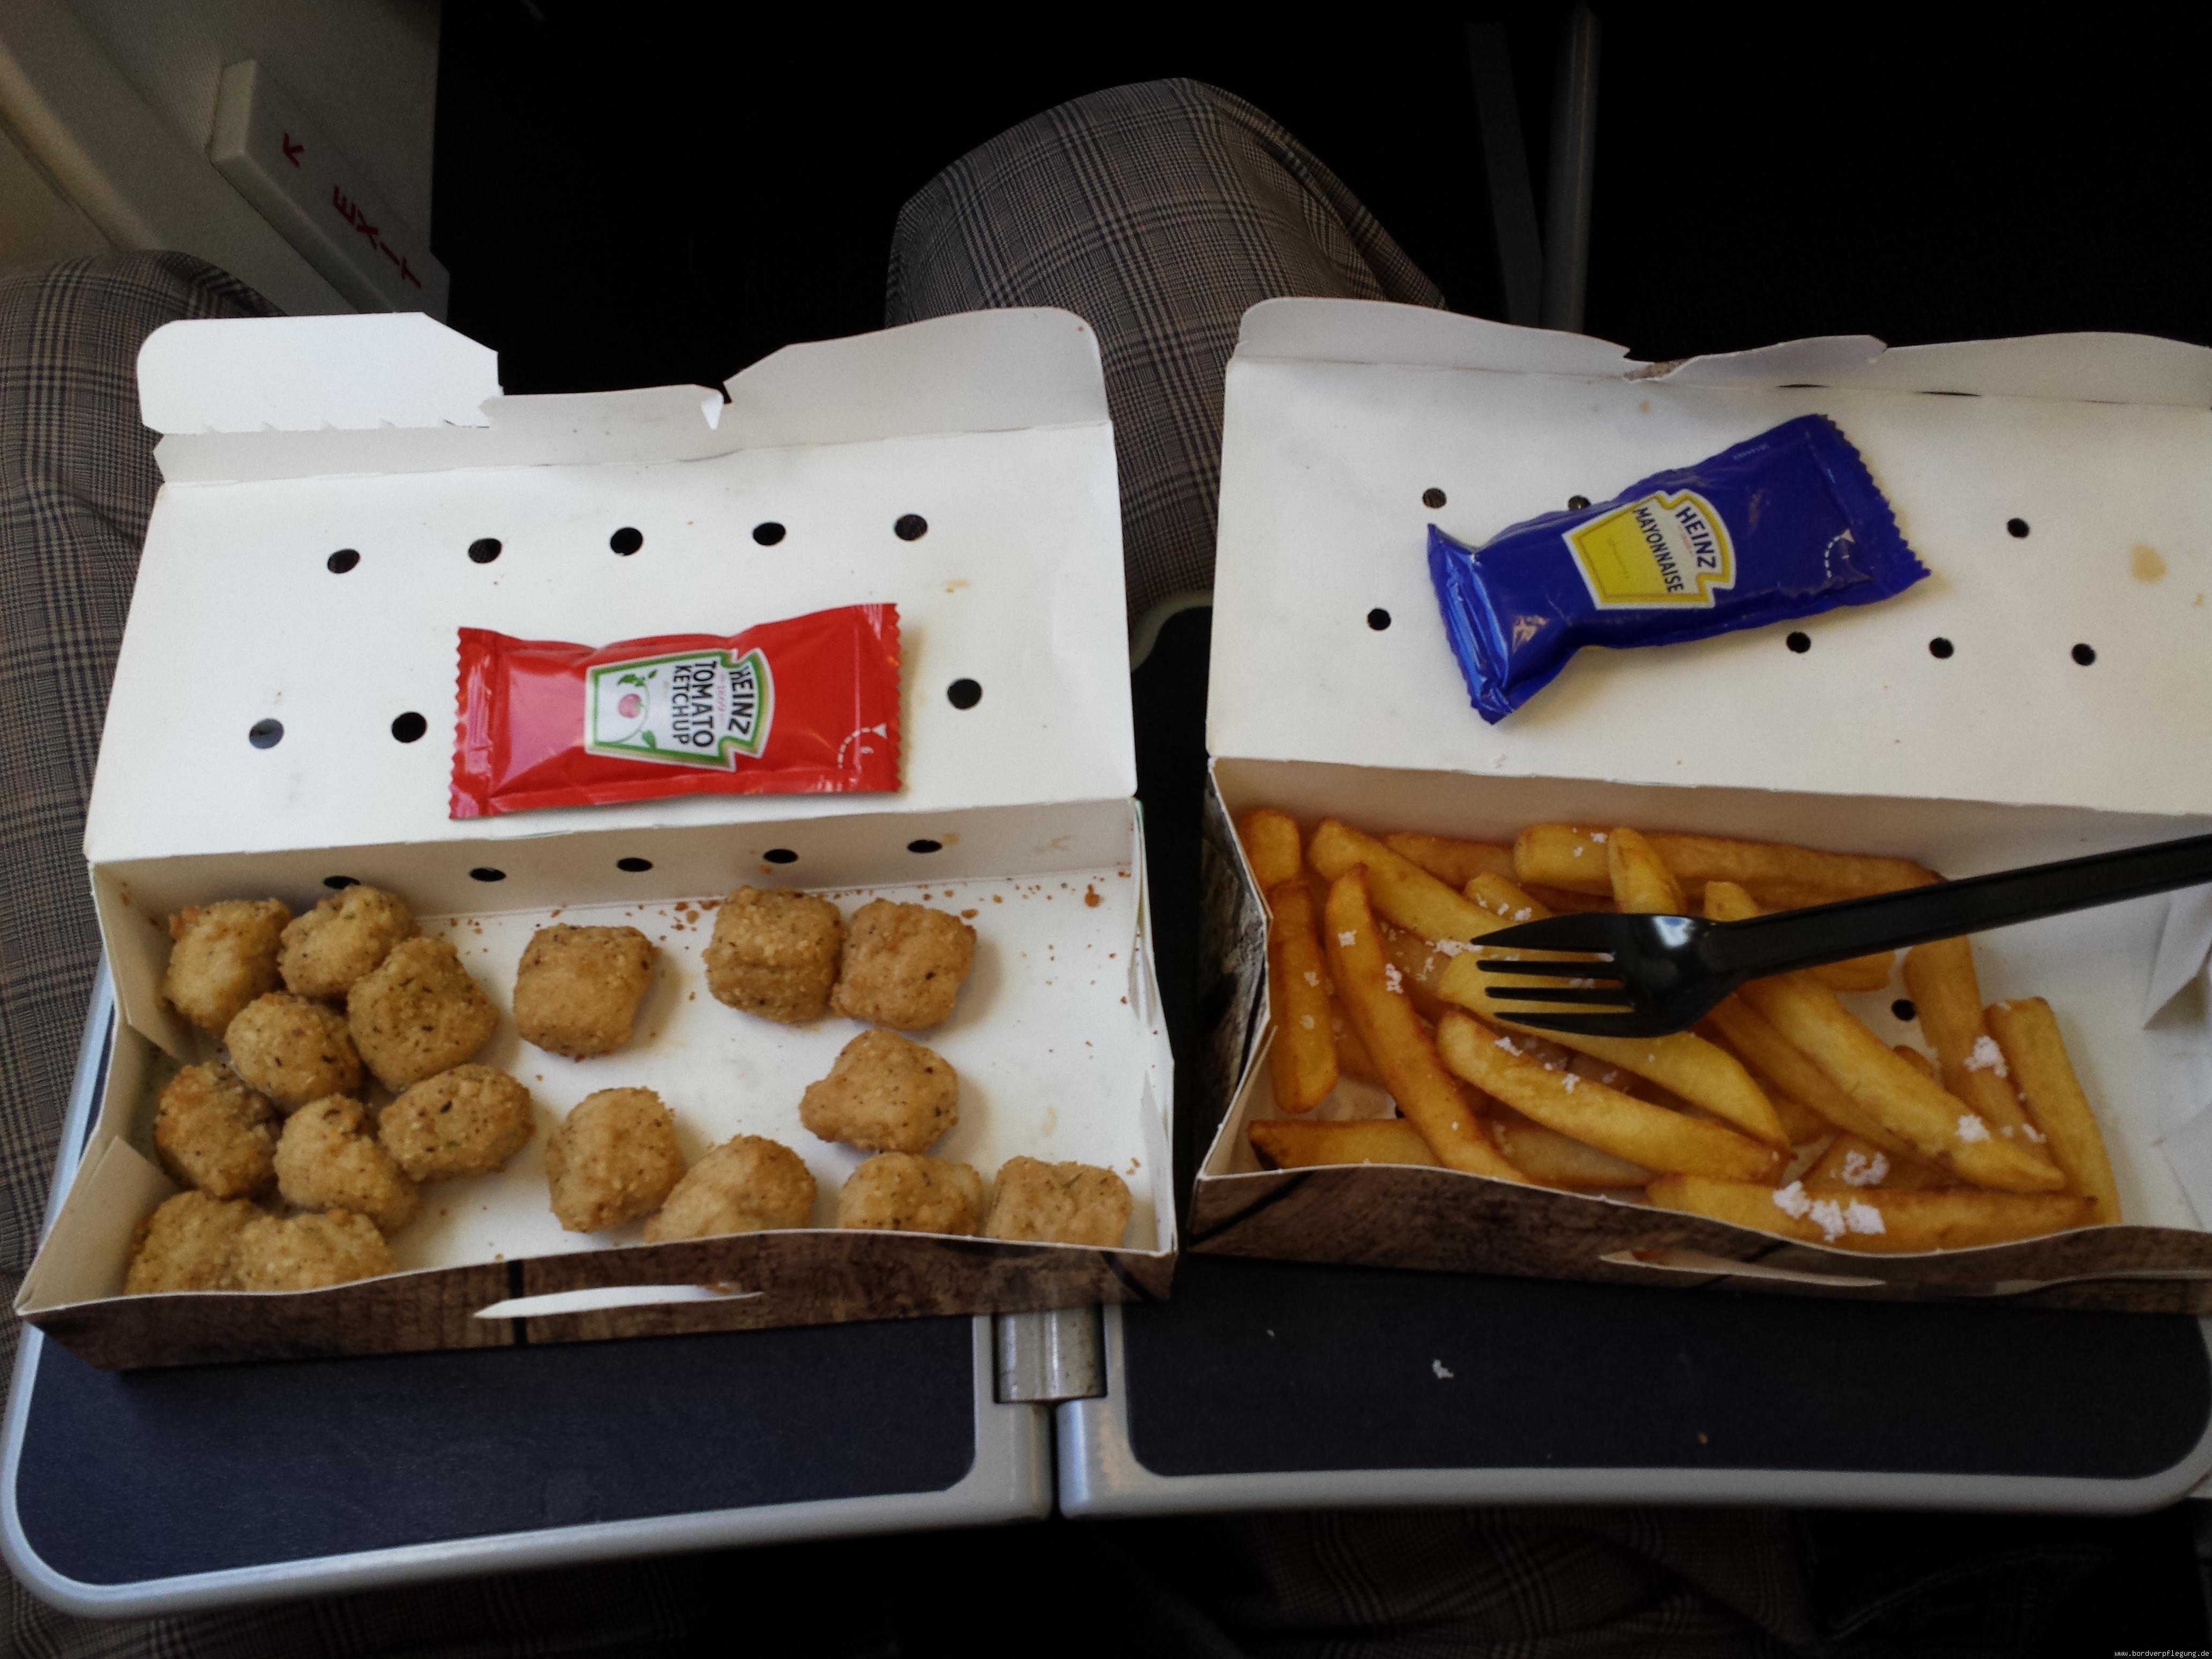 Bordverpflegung Ryanair Essen Mittagessen